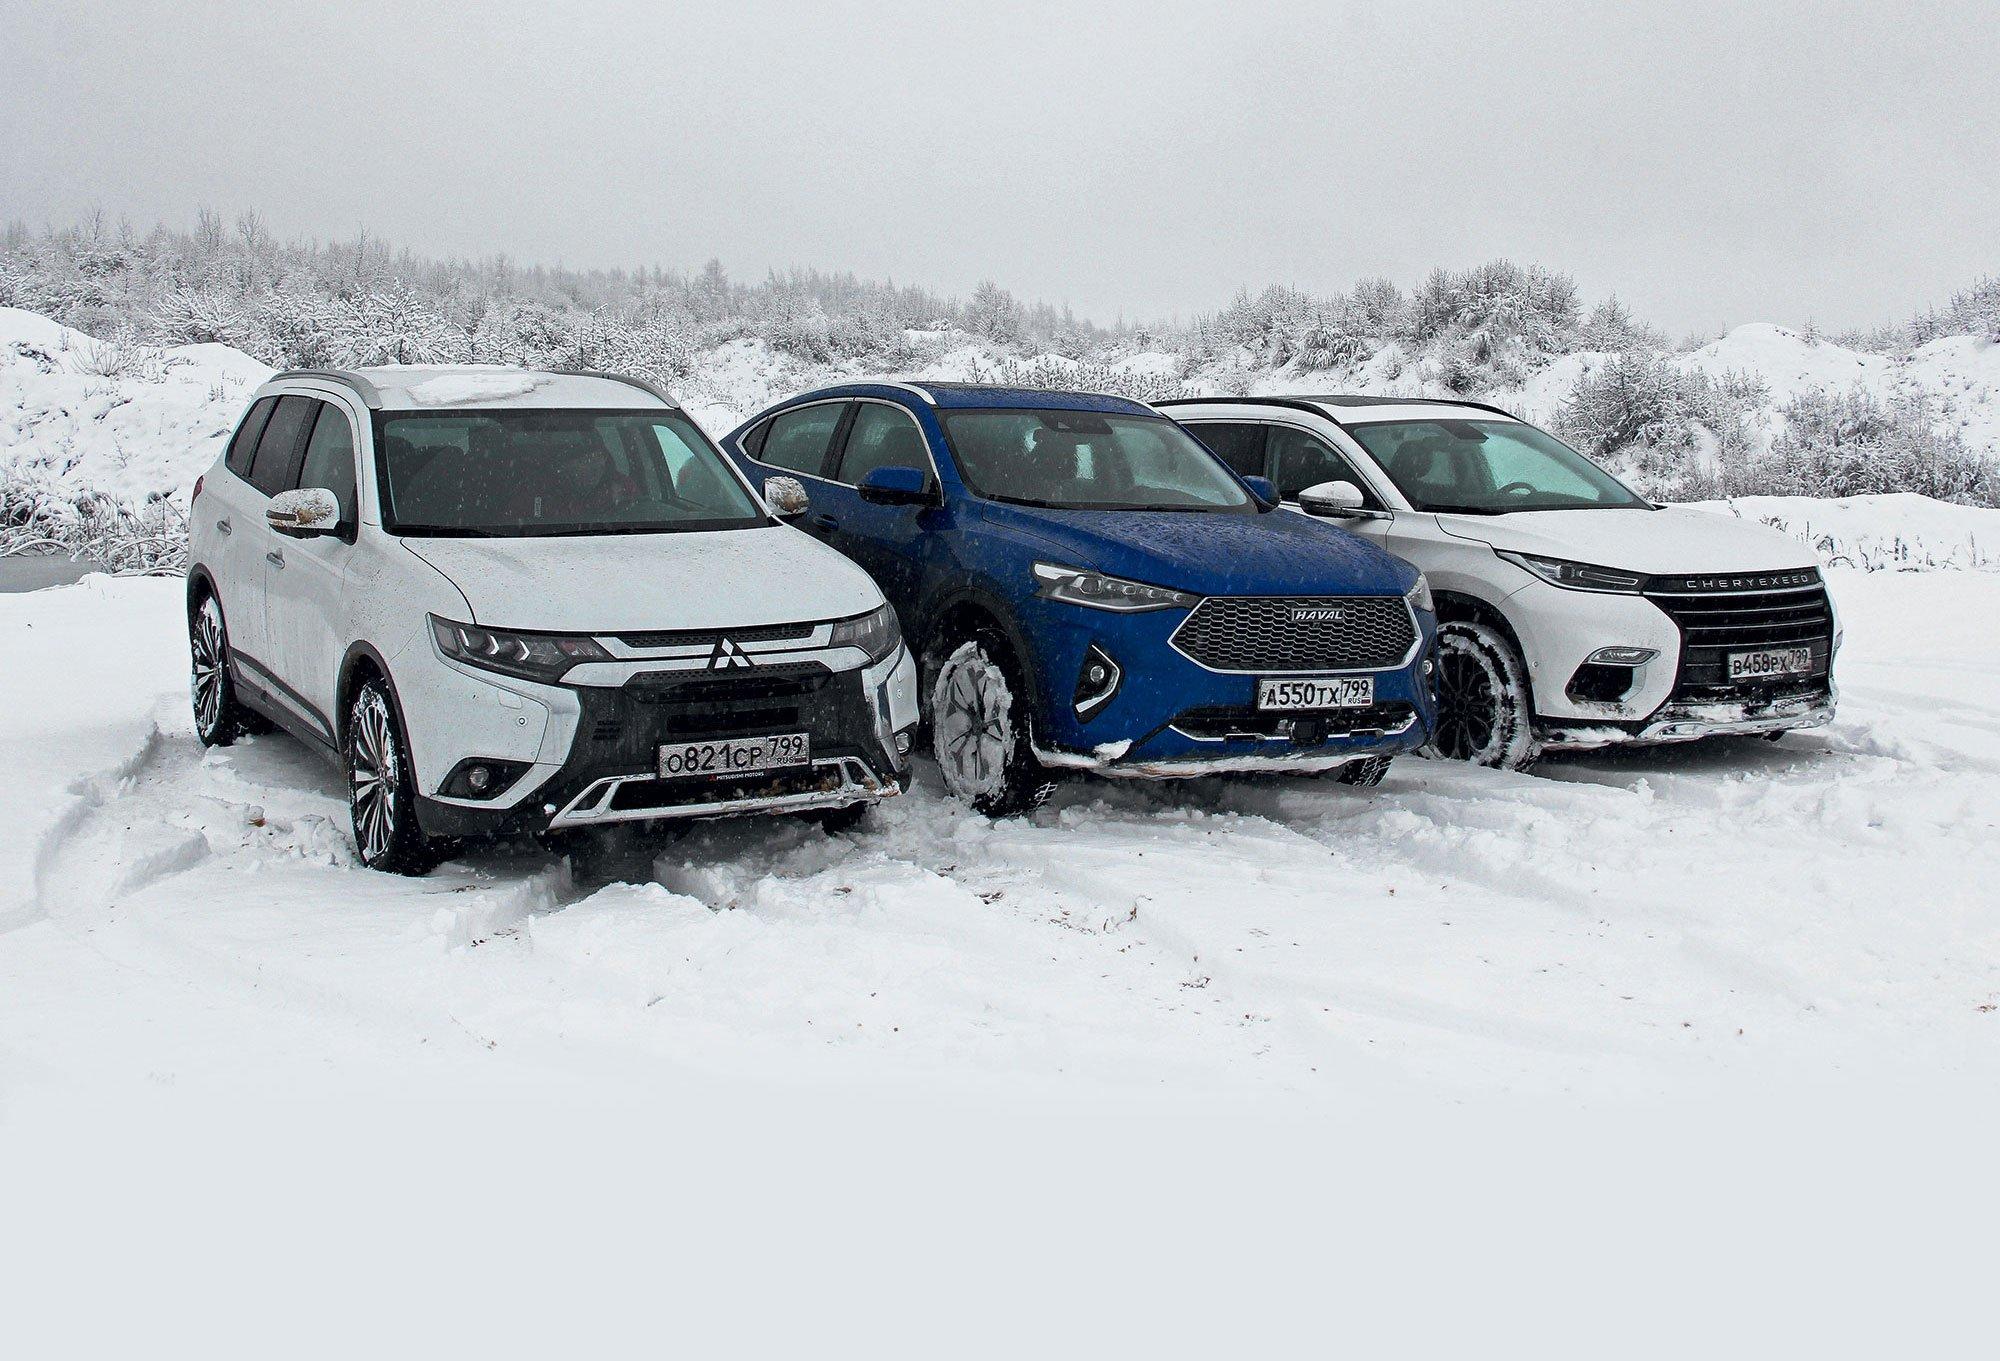 Сравнили Mitsubishi Outlander с CheryExeed TLX и Haval F7x. Старый «японец» лучше двух новых «китайцев»?